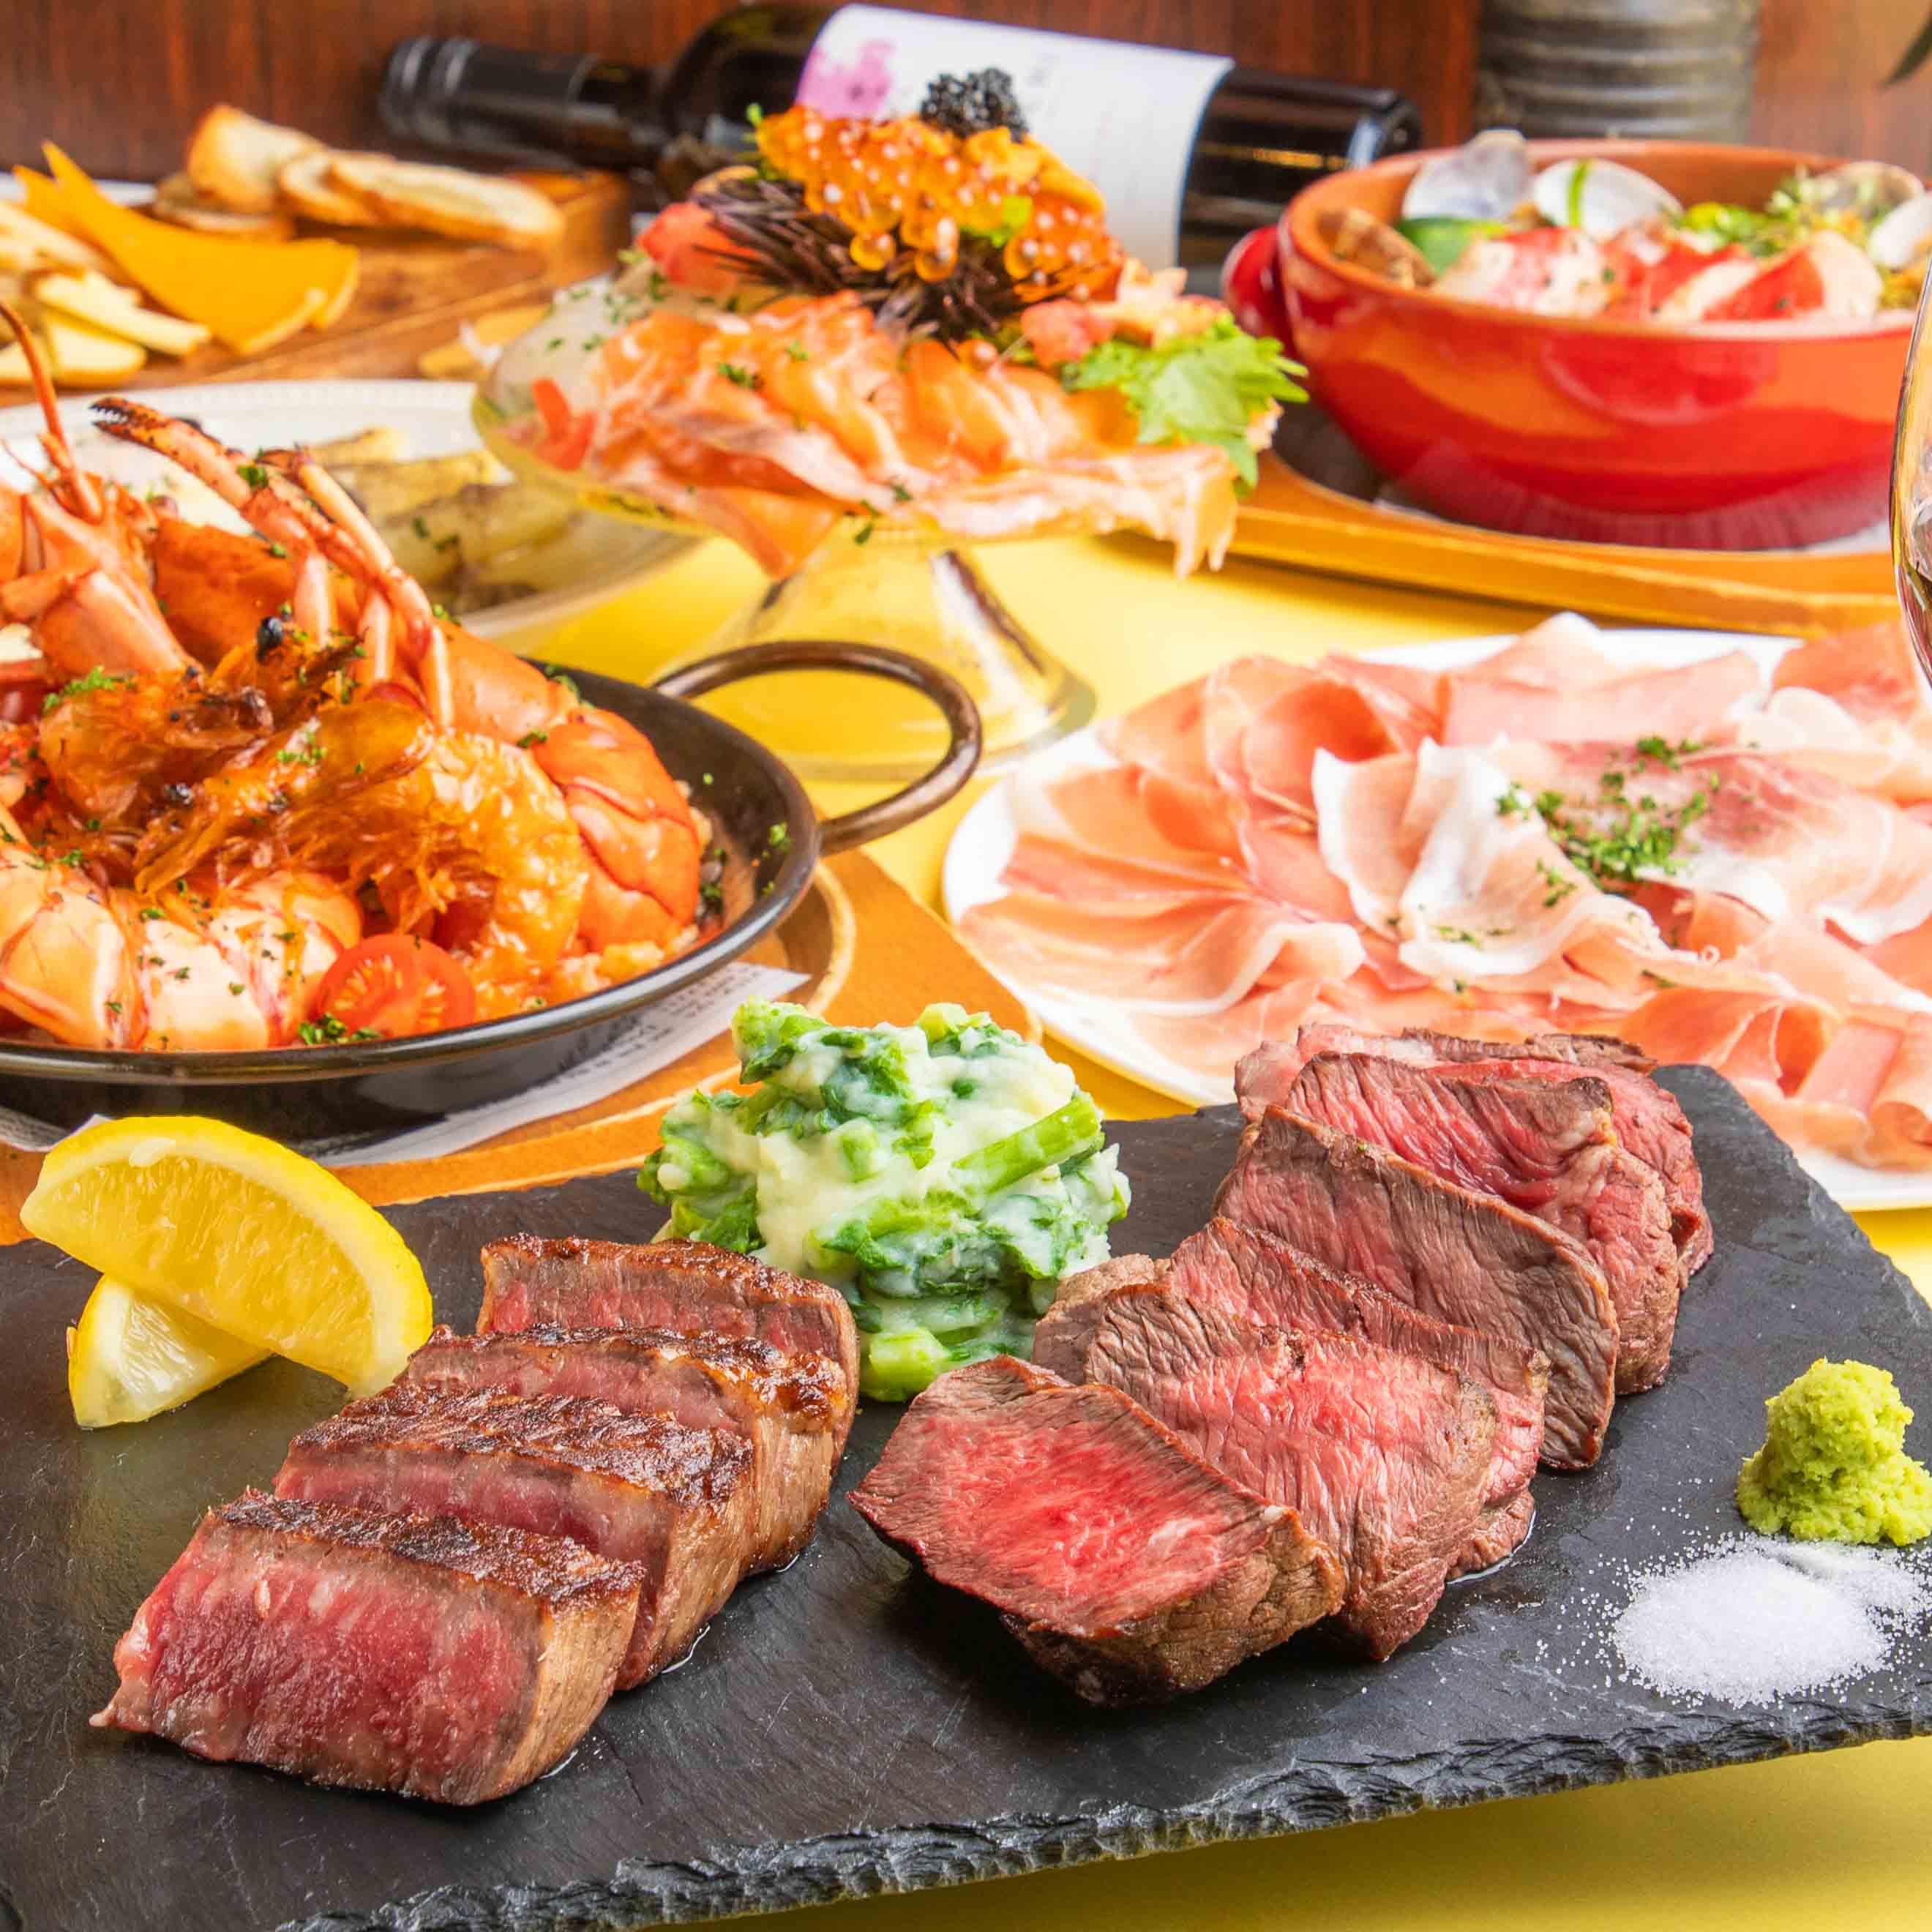 [2時間飲み放題] 和牛食べ比べ&魚介のパエリア9品